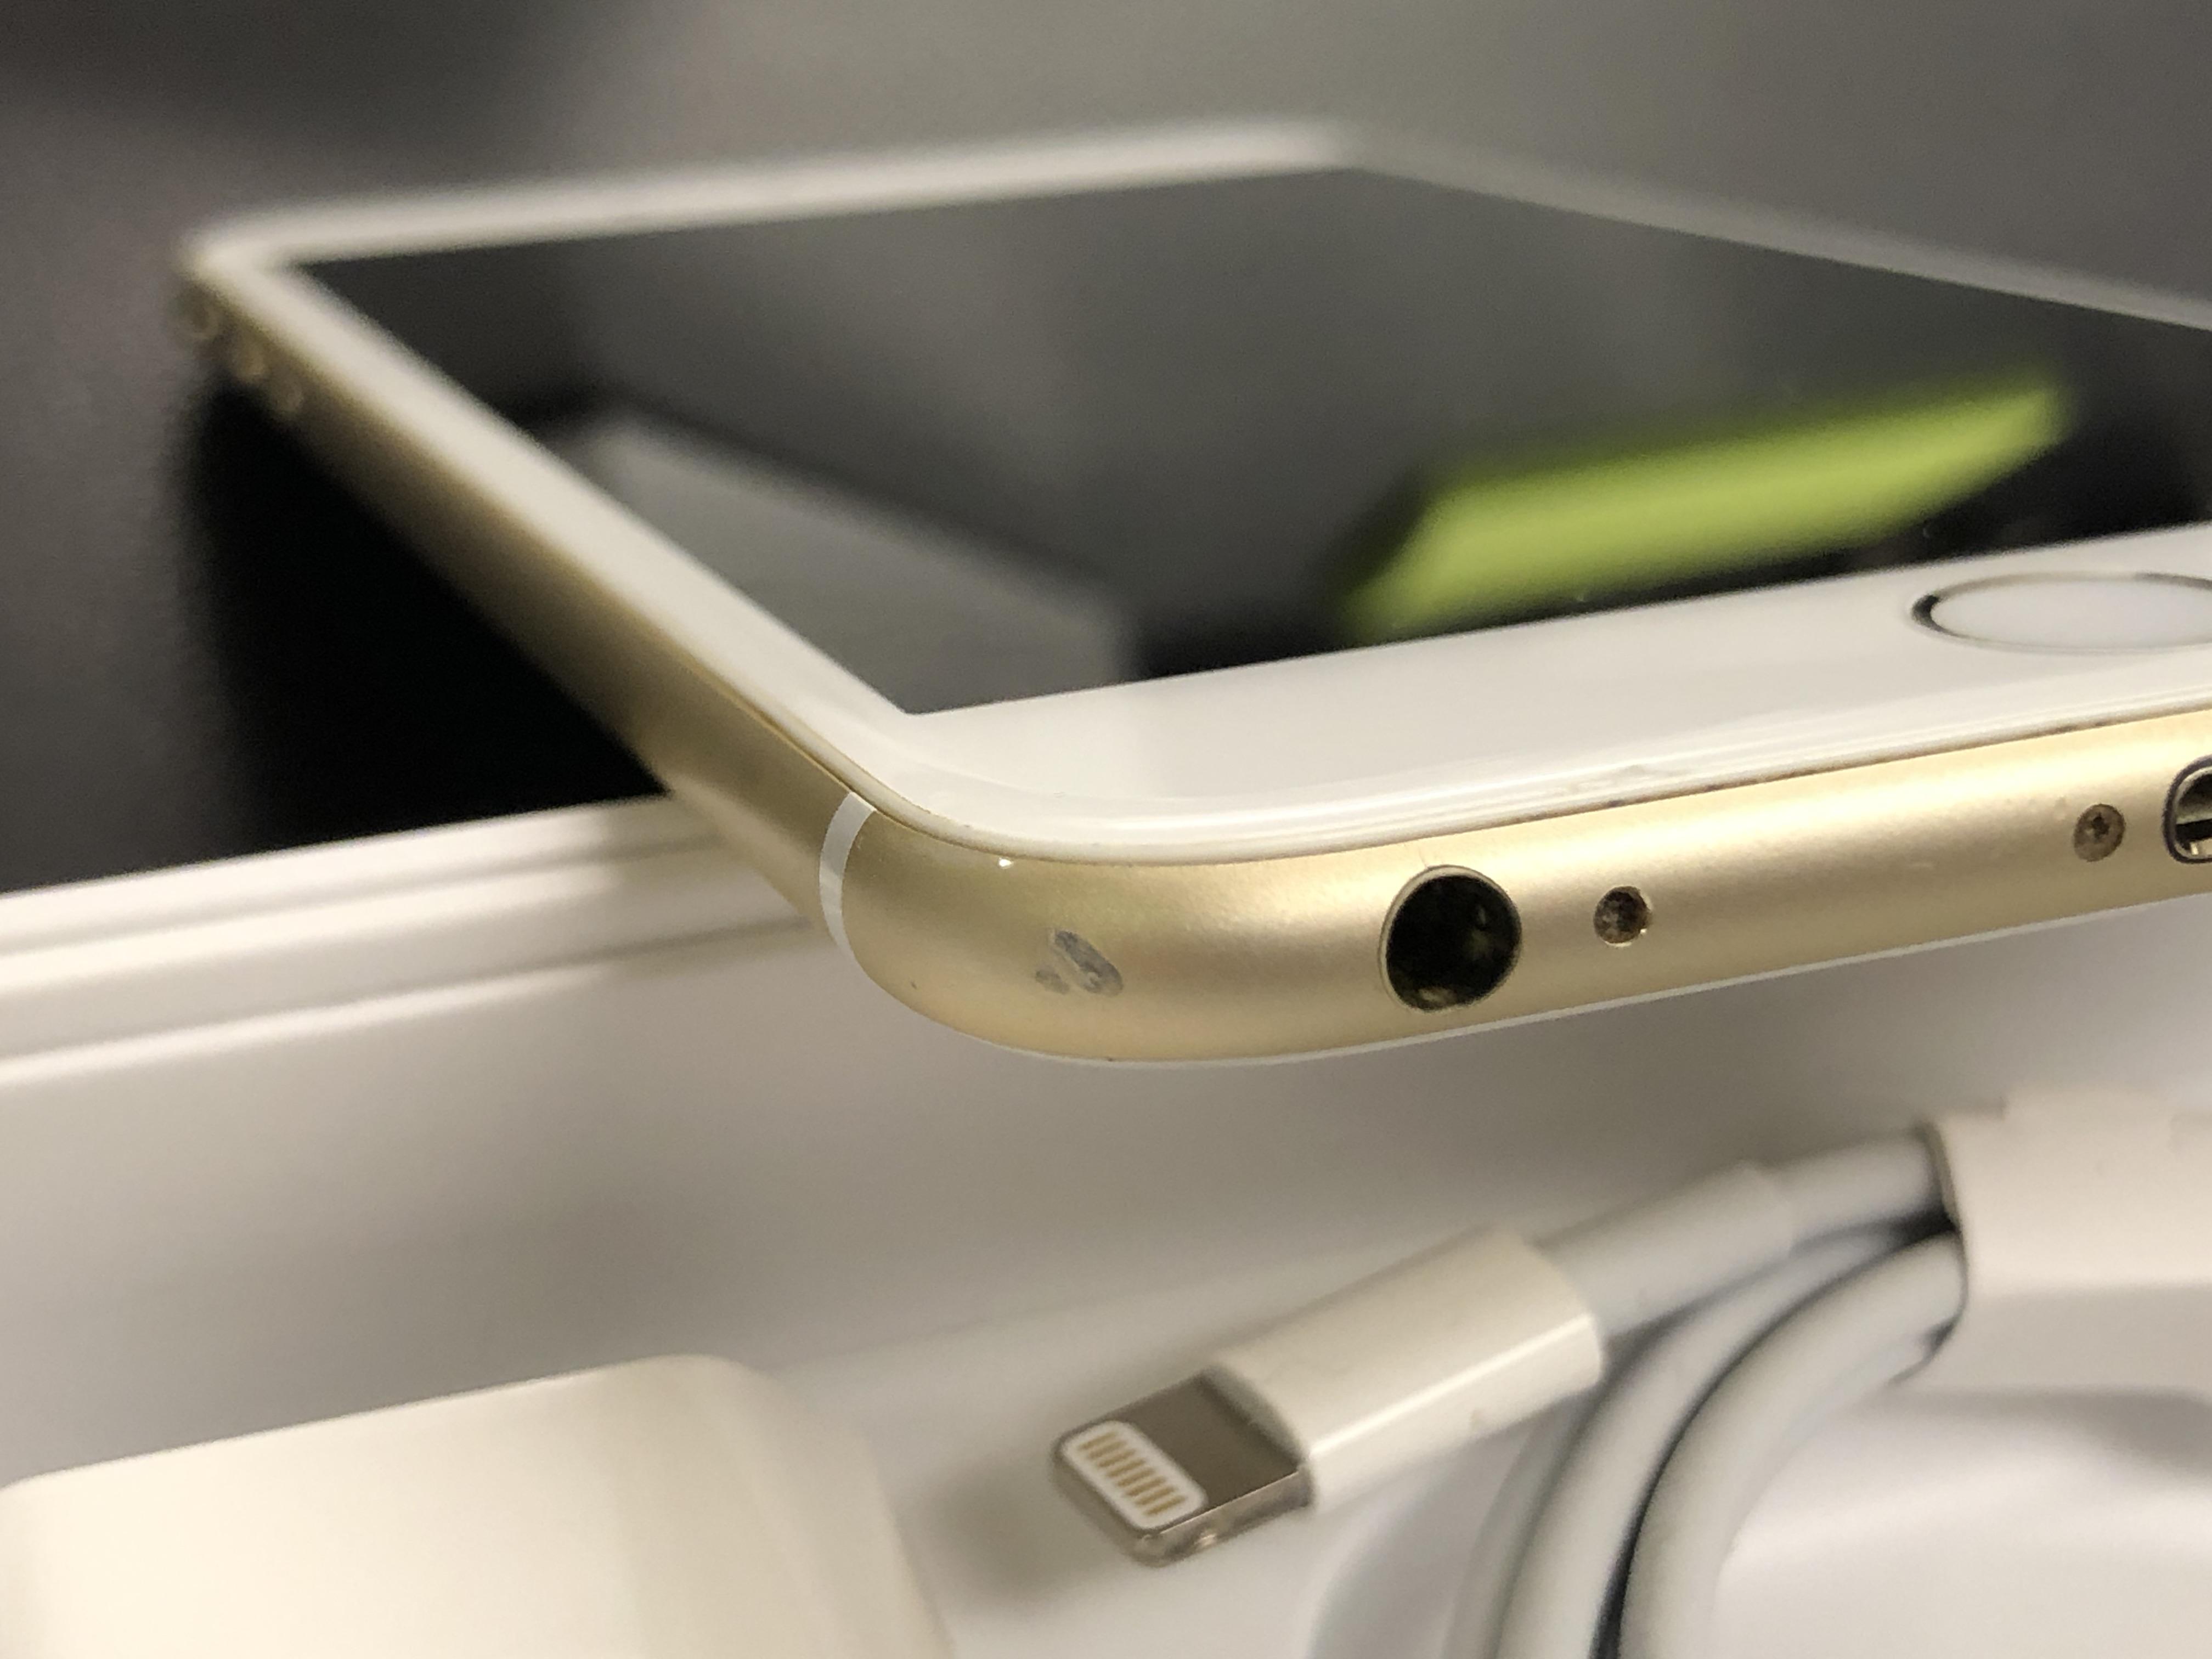 iPhone 6 Plus 16GB, 16GB, Gold, Afbeelding 5